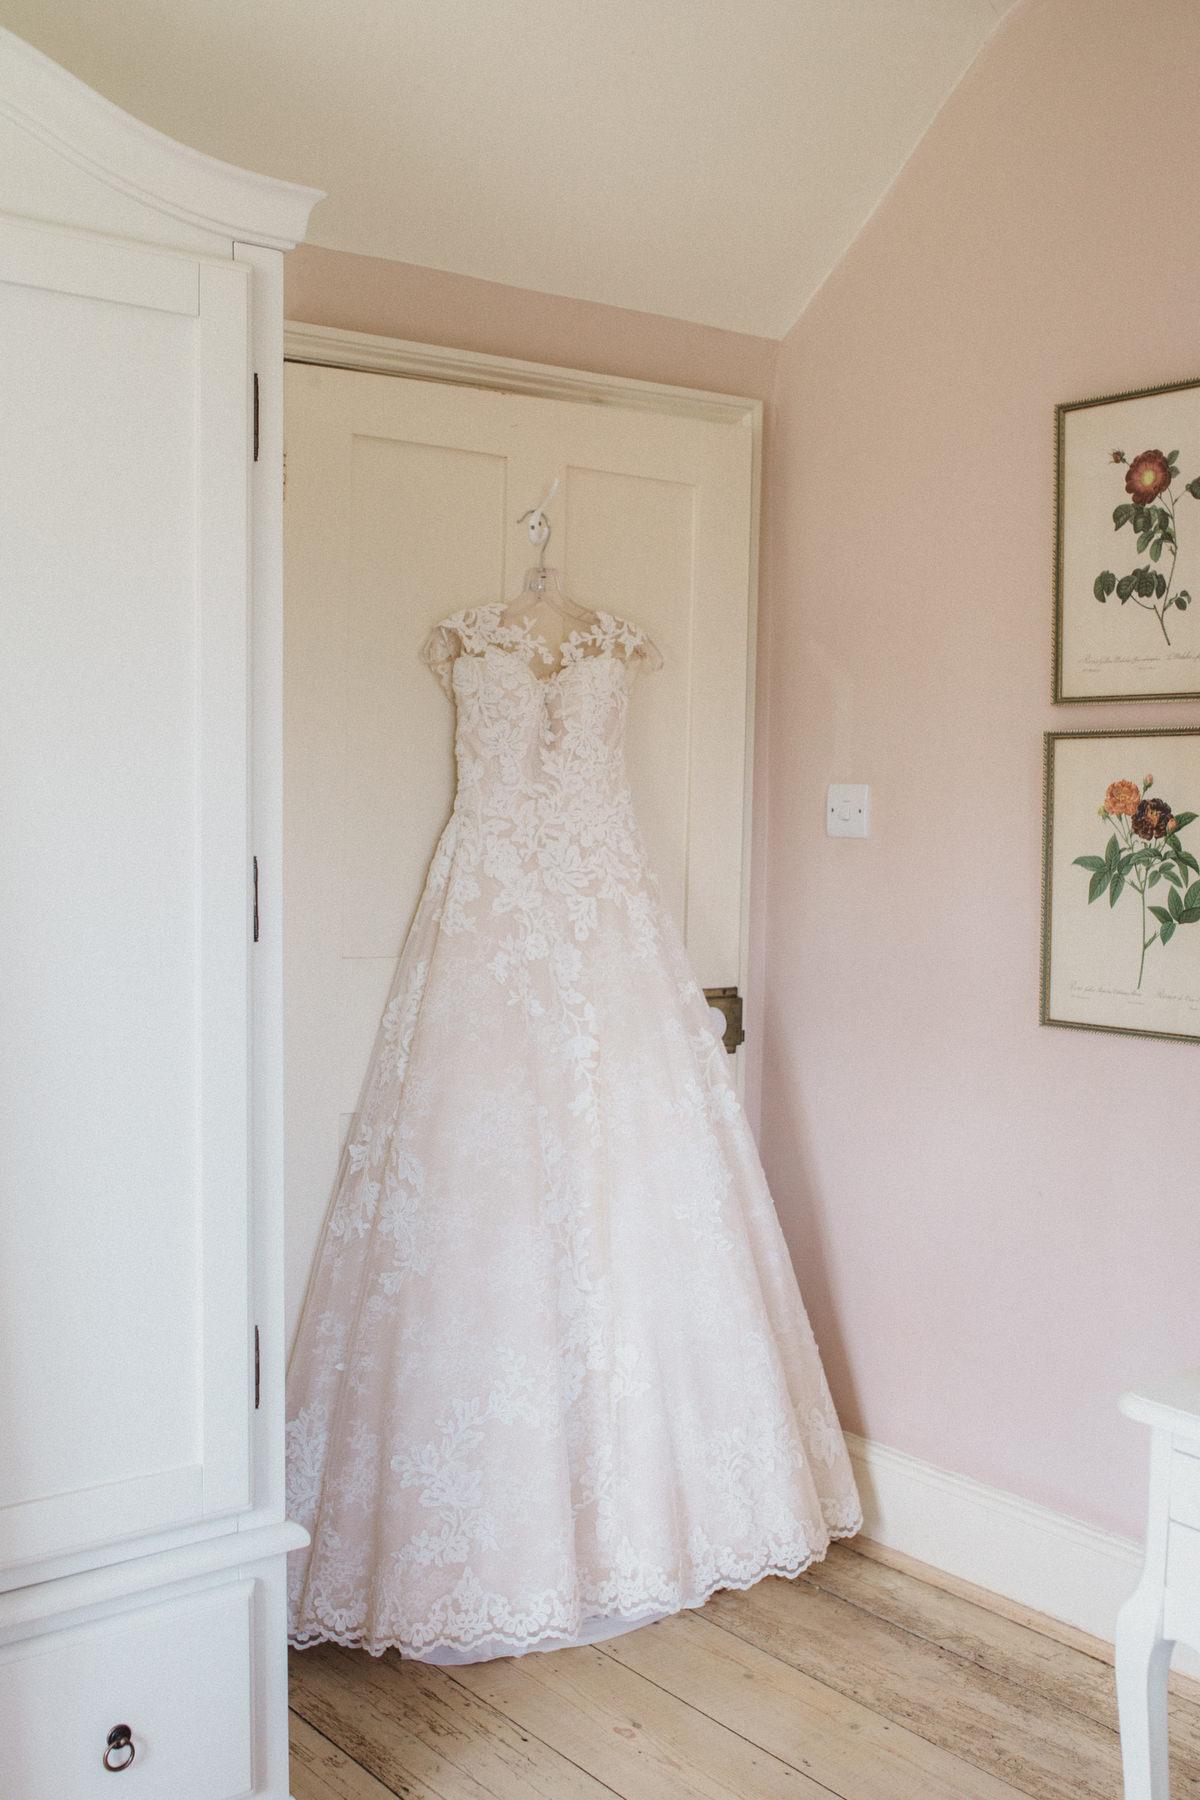 wedding dress hanging at bridal prep on a pink wall at the farmhouse at HAUGHLEY PARK BARN WEDDING PHOTOGRAPHY